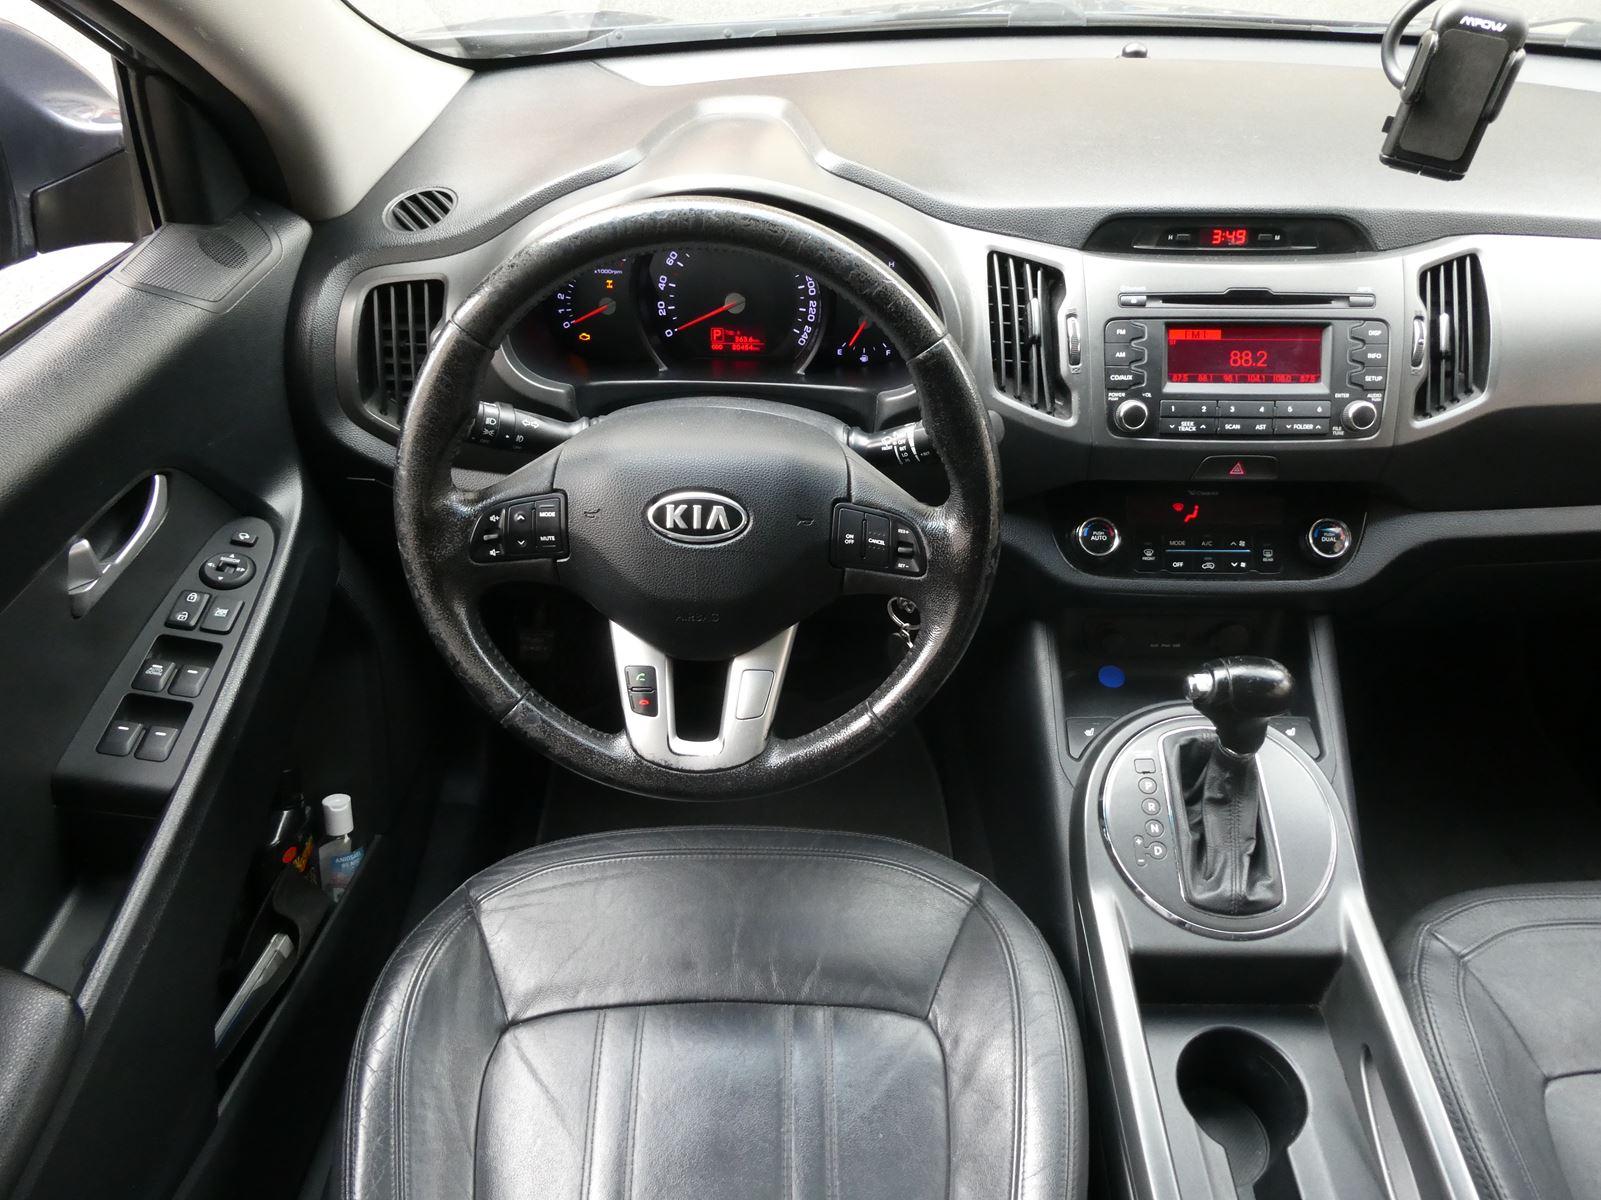 Kia Sportage 2.0 AWD Automatic 163 ch 13